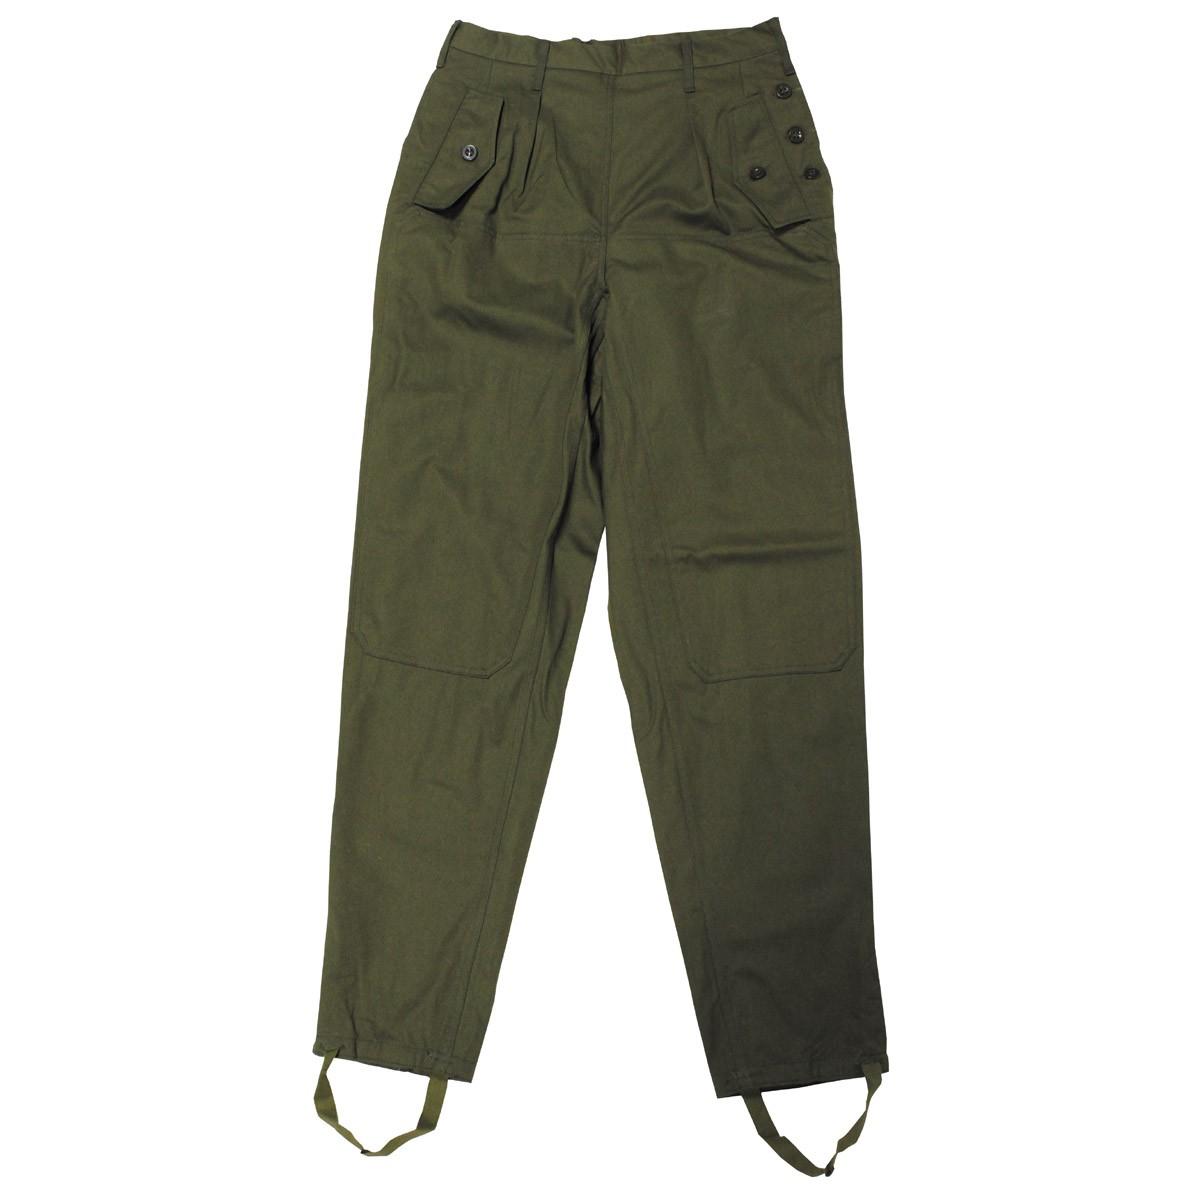 Kalhoty dámské vz.85 nové zelené - zvìtšit obrázek